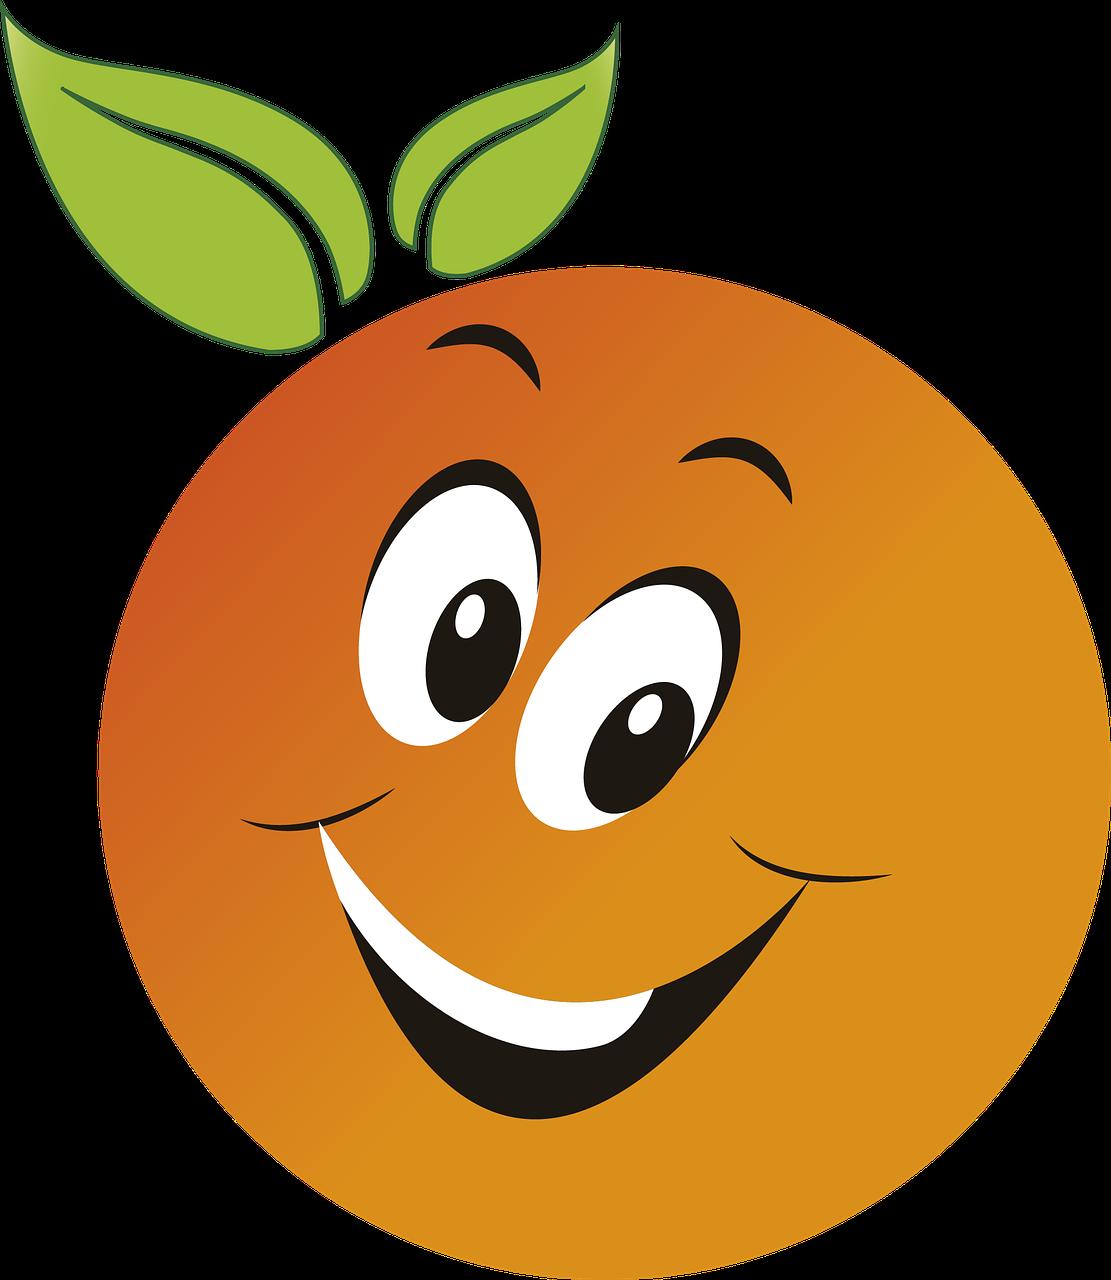 Апельсин картинка для детей с глазками